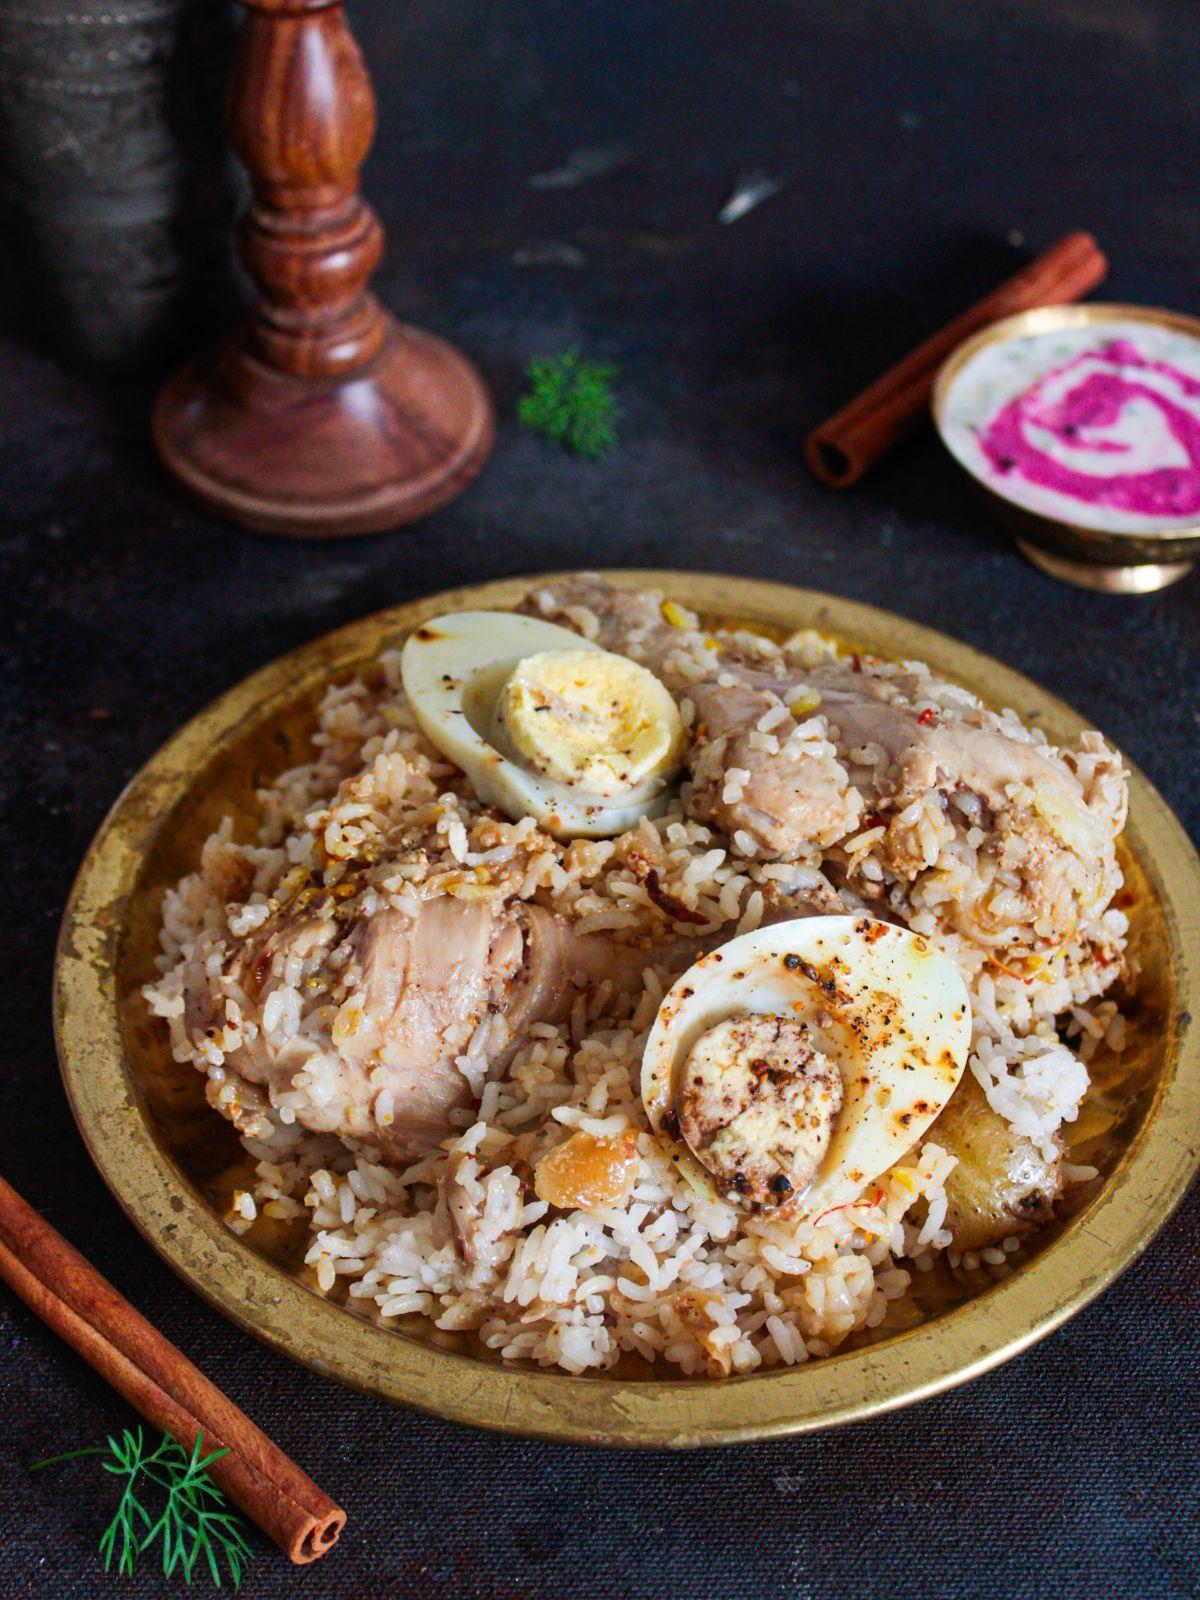 large bowl of biryani on black table by bowl of raita